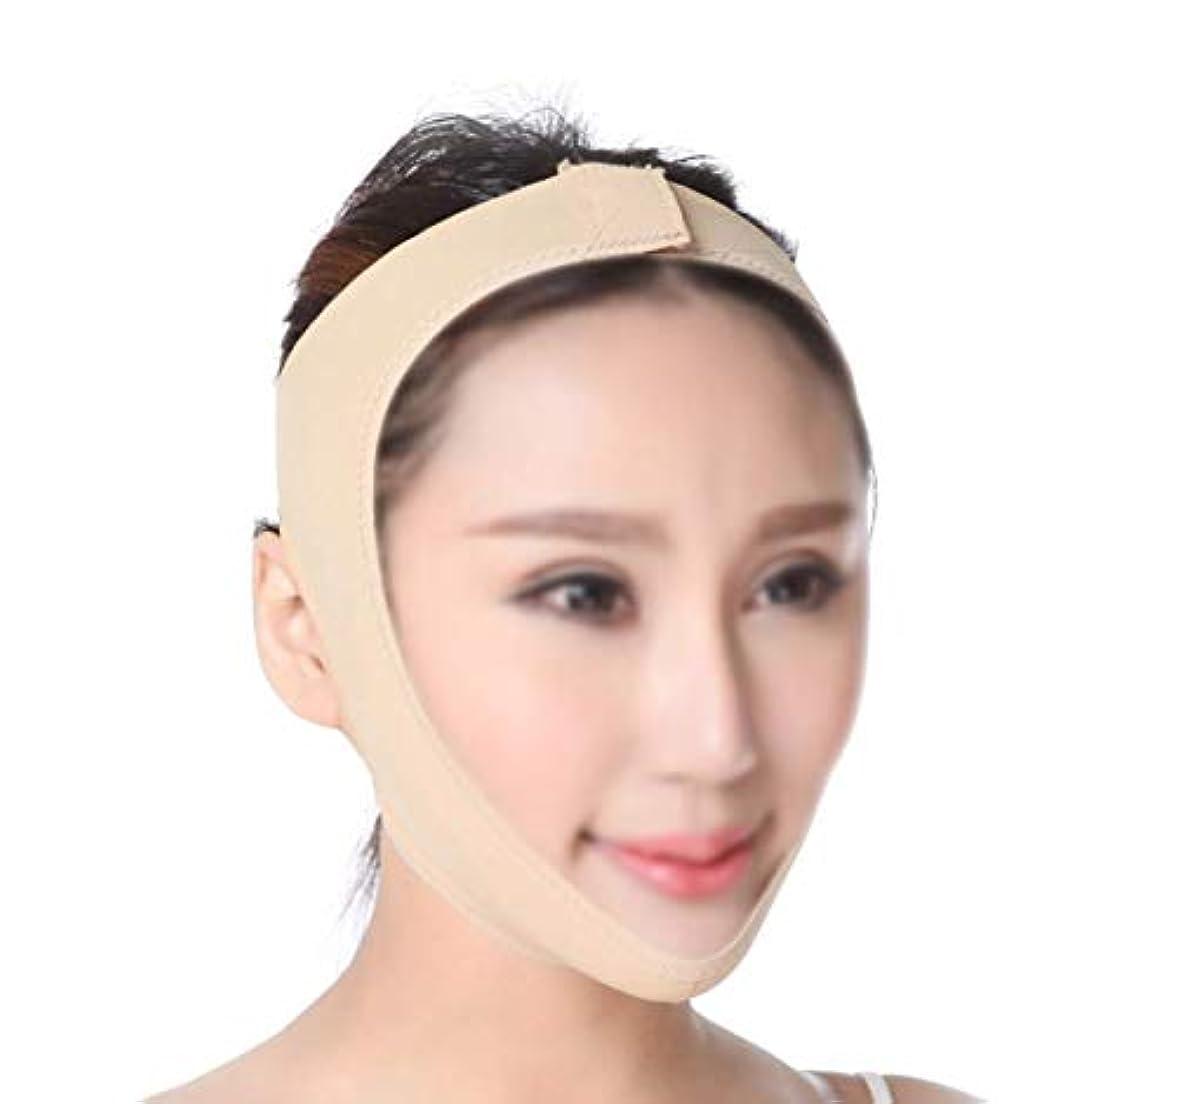 自分マキシムマガジンフェイスリフティング包帯、Vフェイスインストゥルメントフェイスマスクアーティファクト引き締めマスク手動フェイシャルマッサージ通気性肌のトーン(サイズ:M)